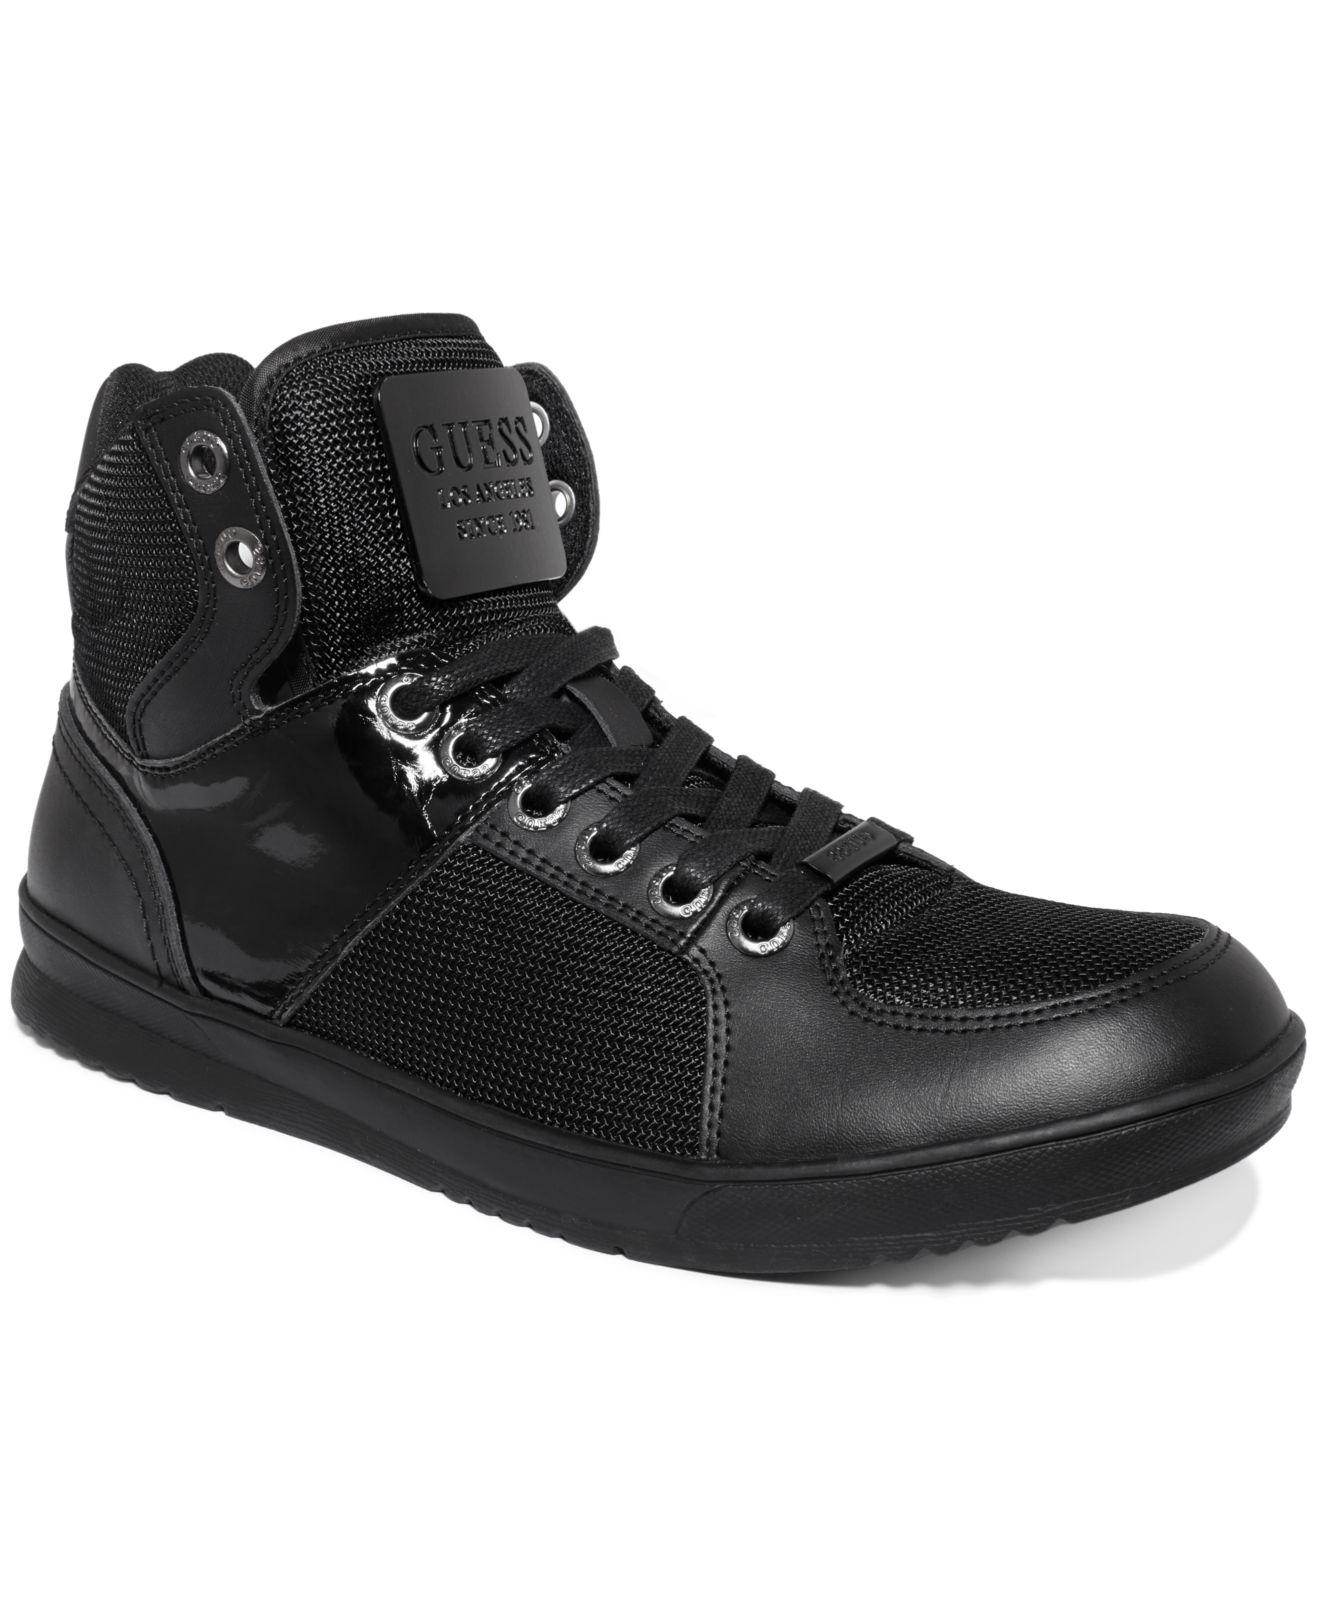 Guess Men Shoes Guess Men's Shoes Trippy5